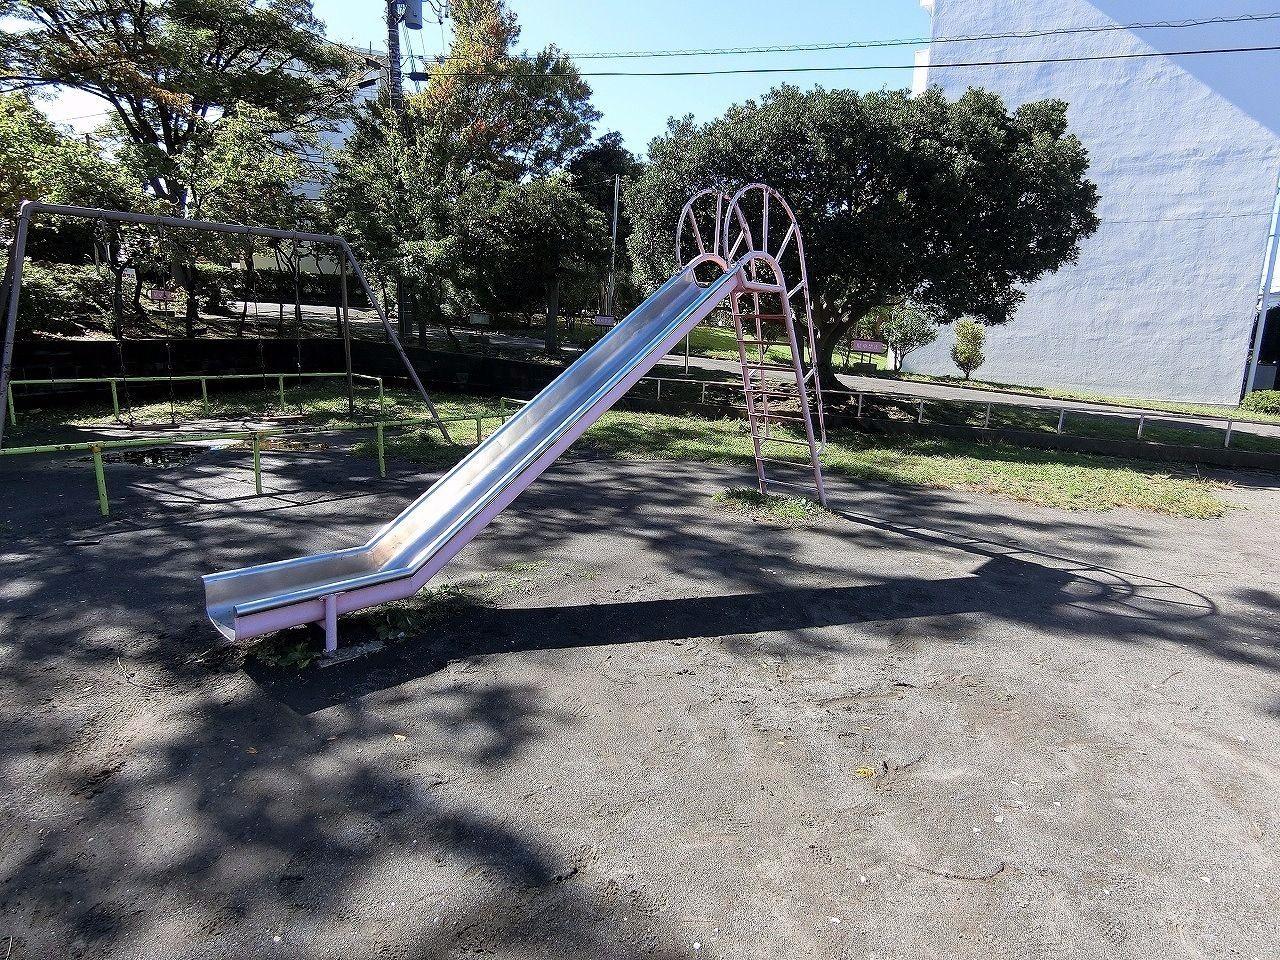 ドーナッツ公園・たまプラーザ団地(敷地内)のすべり台